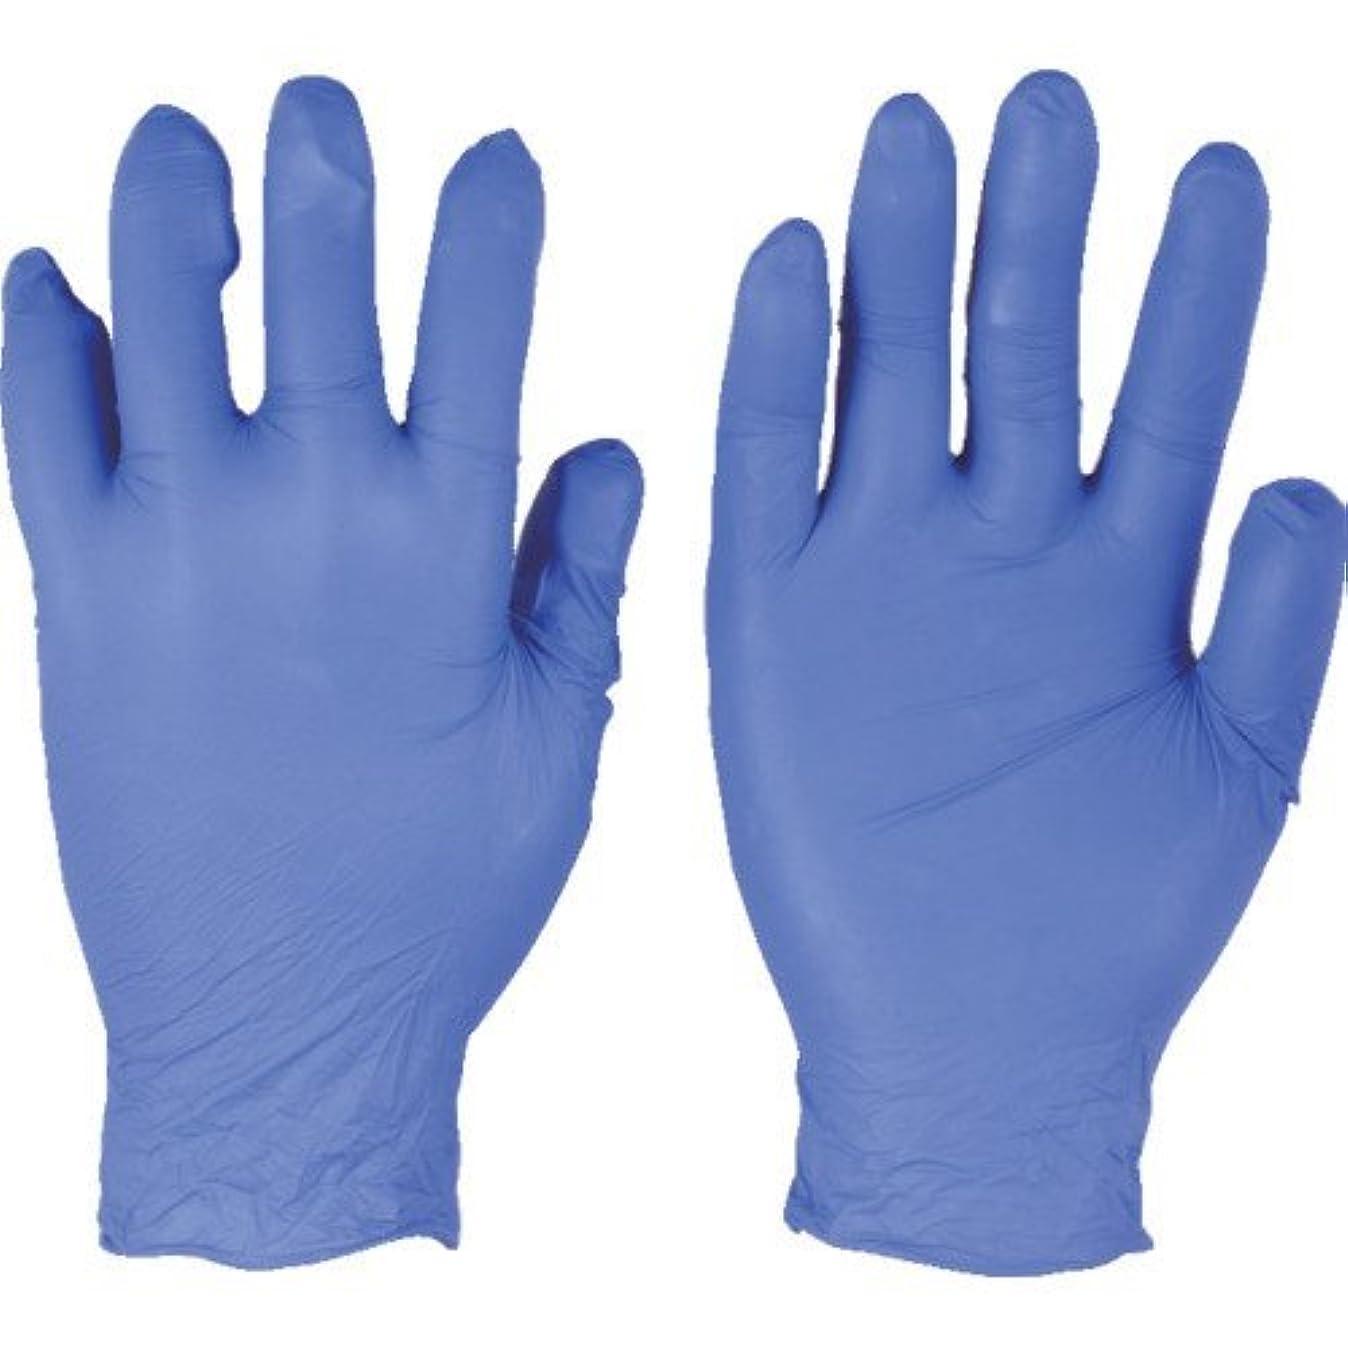 売り手威信報いるトラスコ中山 アンセル ニトリルゴム使い捨て手袋 エッジ 82-133 Lサイズ(300枚入り)  (300枚入) 821339